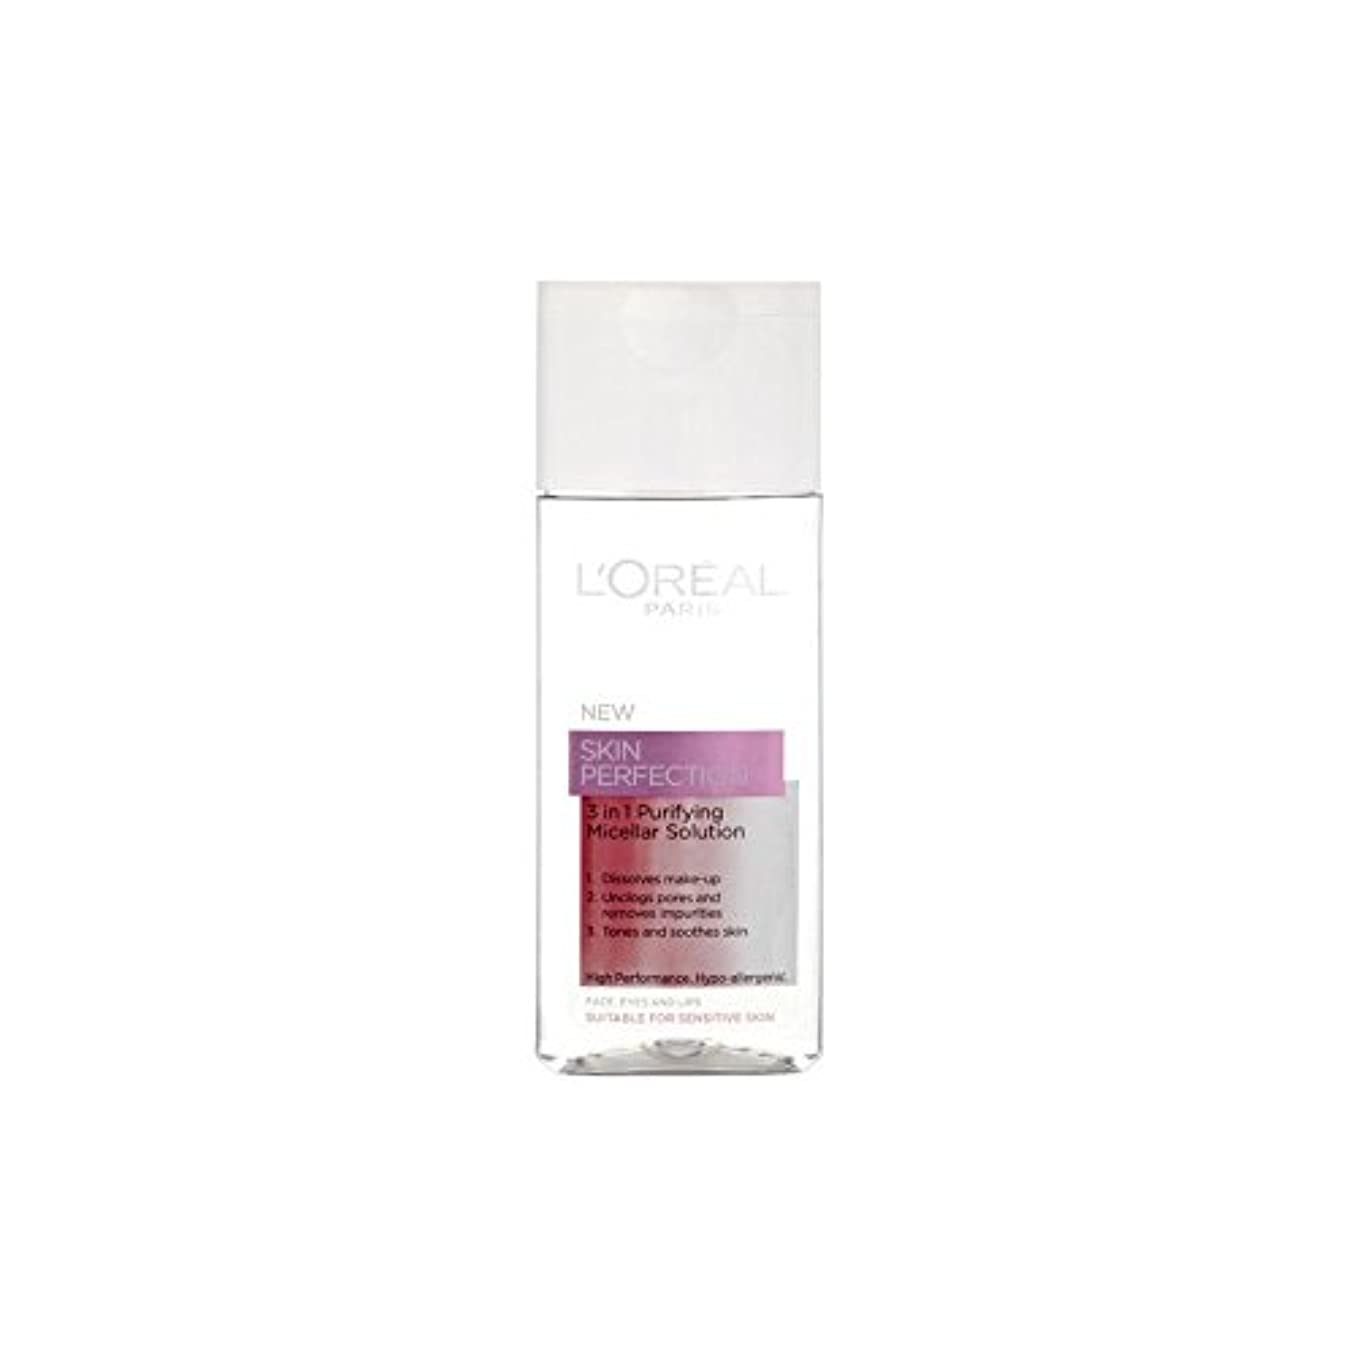 大使種類細断1つの精製ミセル溶液中ロレアルパリ?ダーモ専門知識の皮膚完璧3(200ミリリットル) x2 - L'Oreal Paris Dermo Expertise Skin Perfection 3 In 1 Purifying Micellar Solution (200ml) (Pack of 2) [並行輸入品]